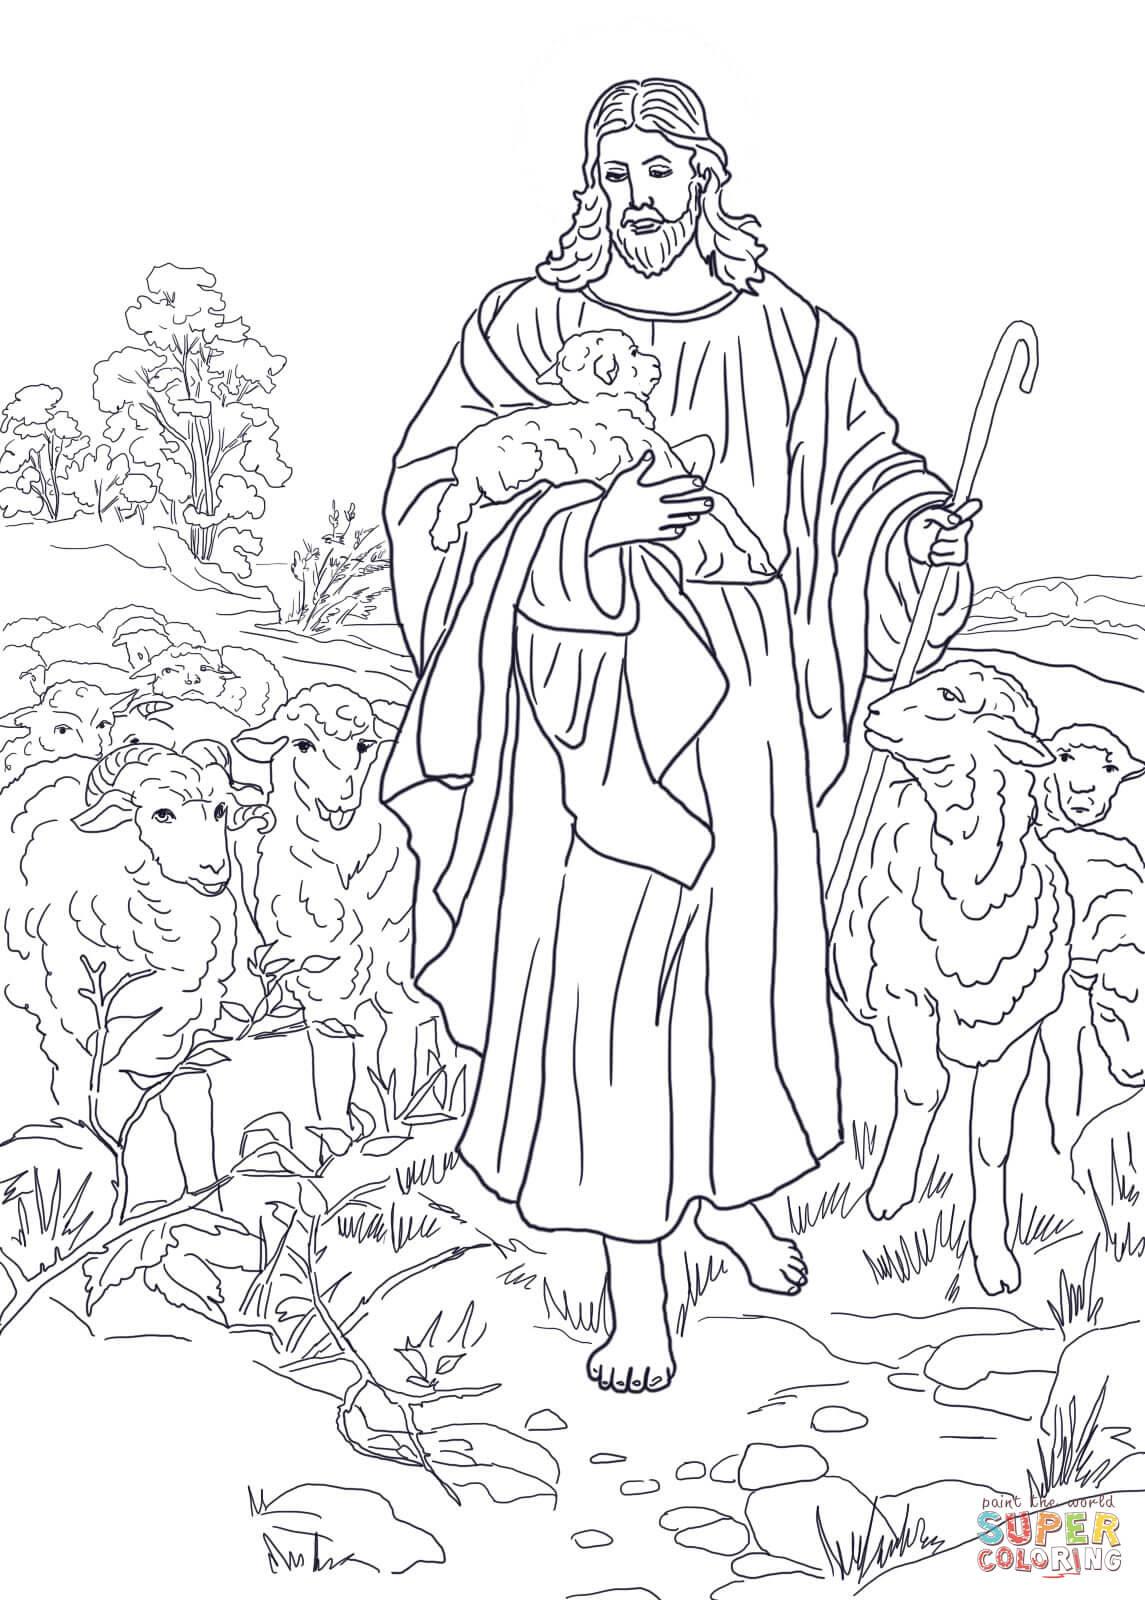 Klick das Bild Jesus ist der gute Hirte